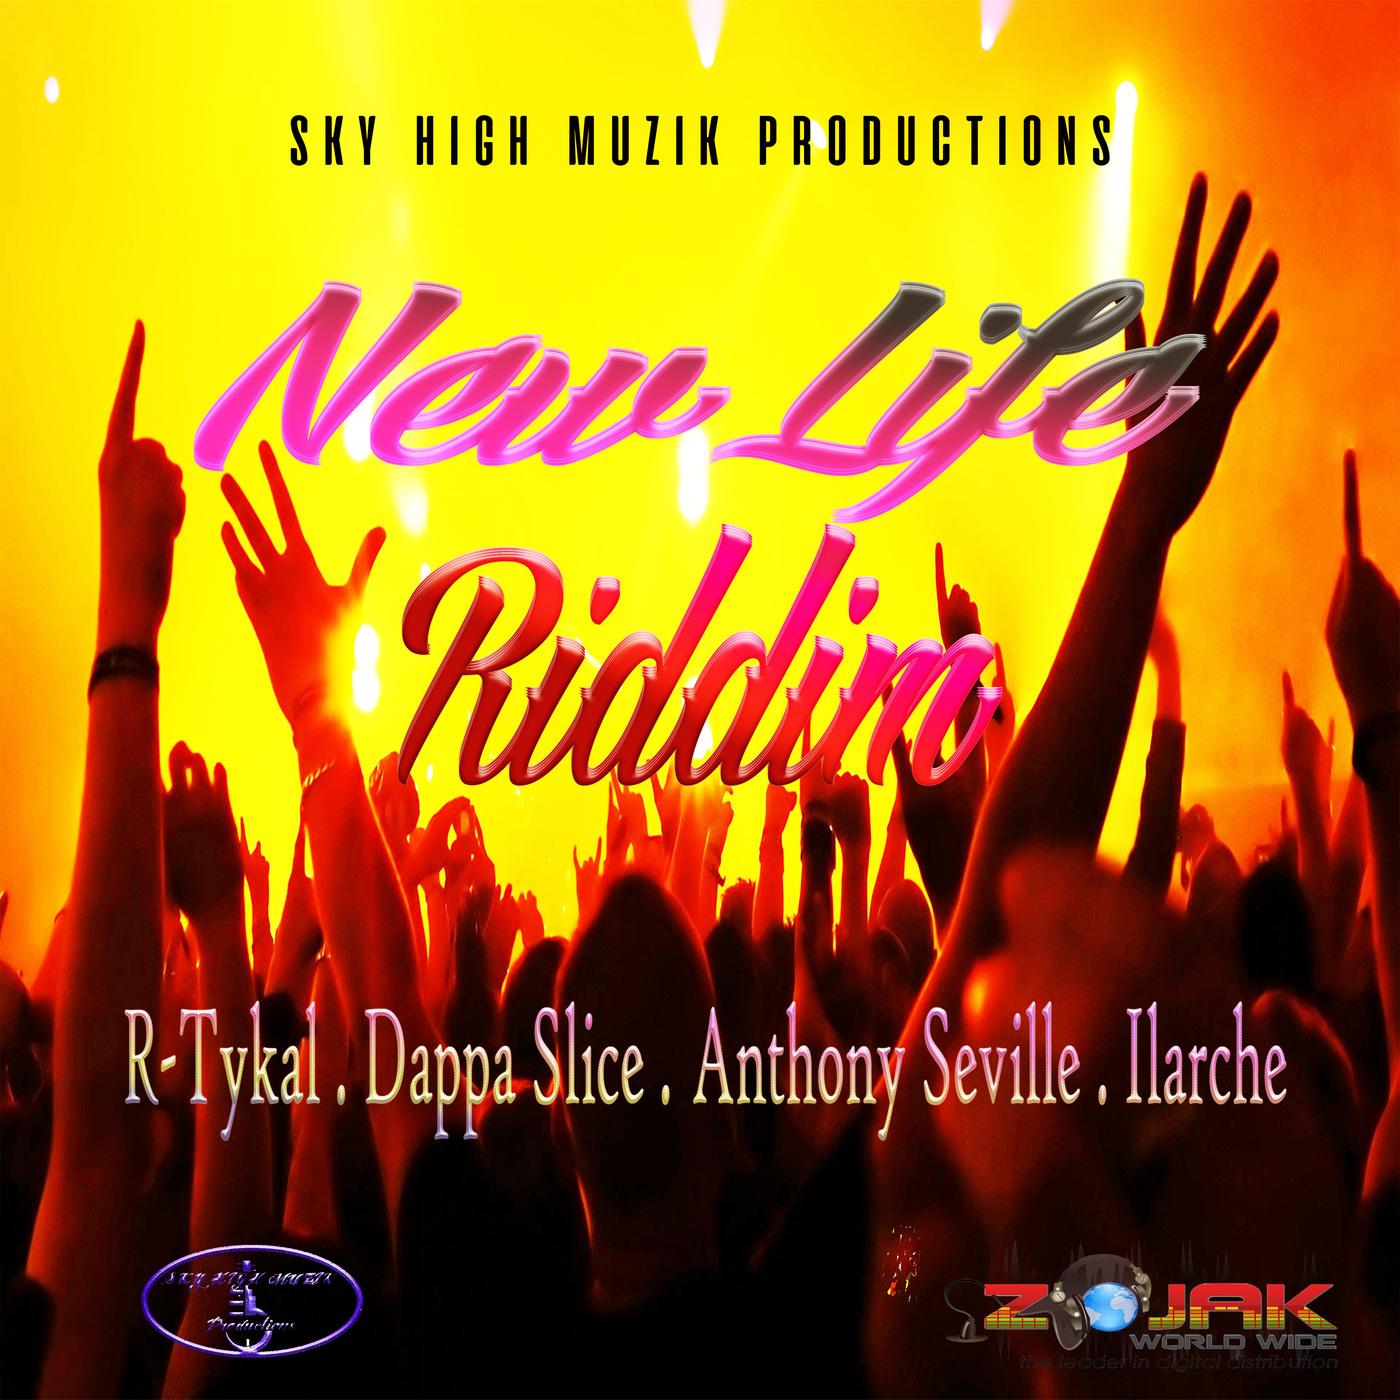 NEW LIFE RIDDIM - SKY HIGH MUZIK PRODUCTIONS - 2018 | Reggae